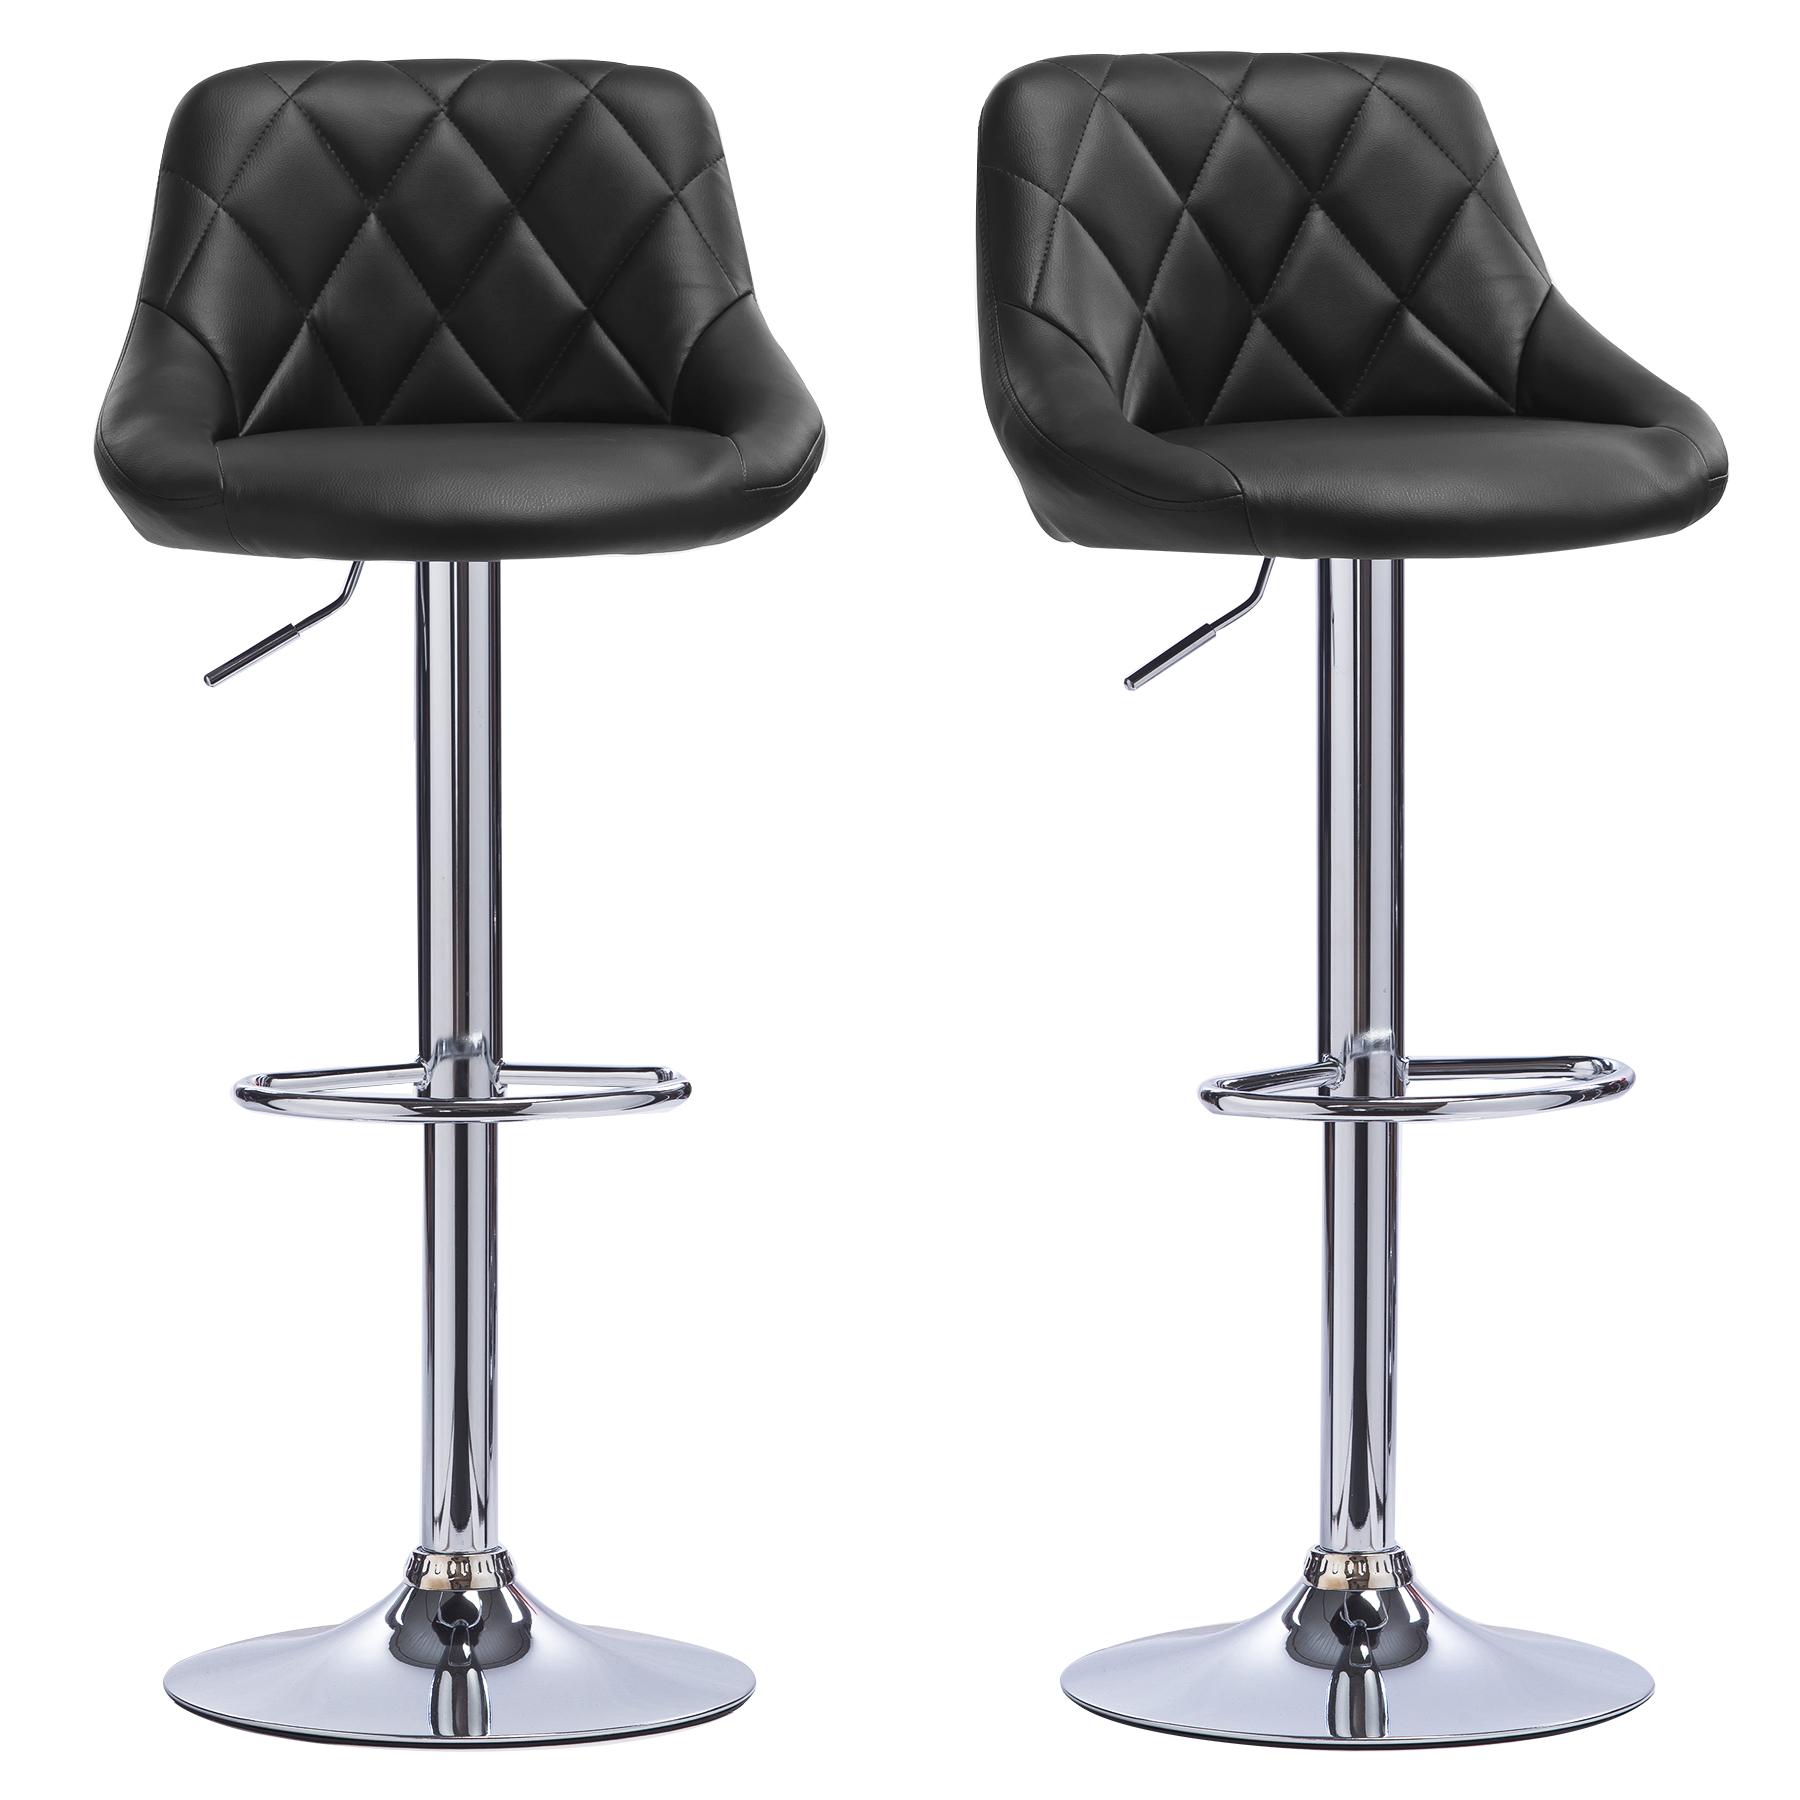 1-2-piece-Tabourets-de-bar-en-PU-Plastique-chaise-cuisine-reglable-Noir-f011